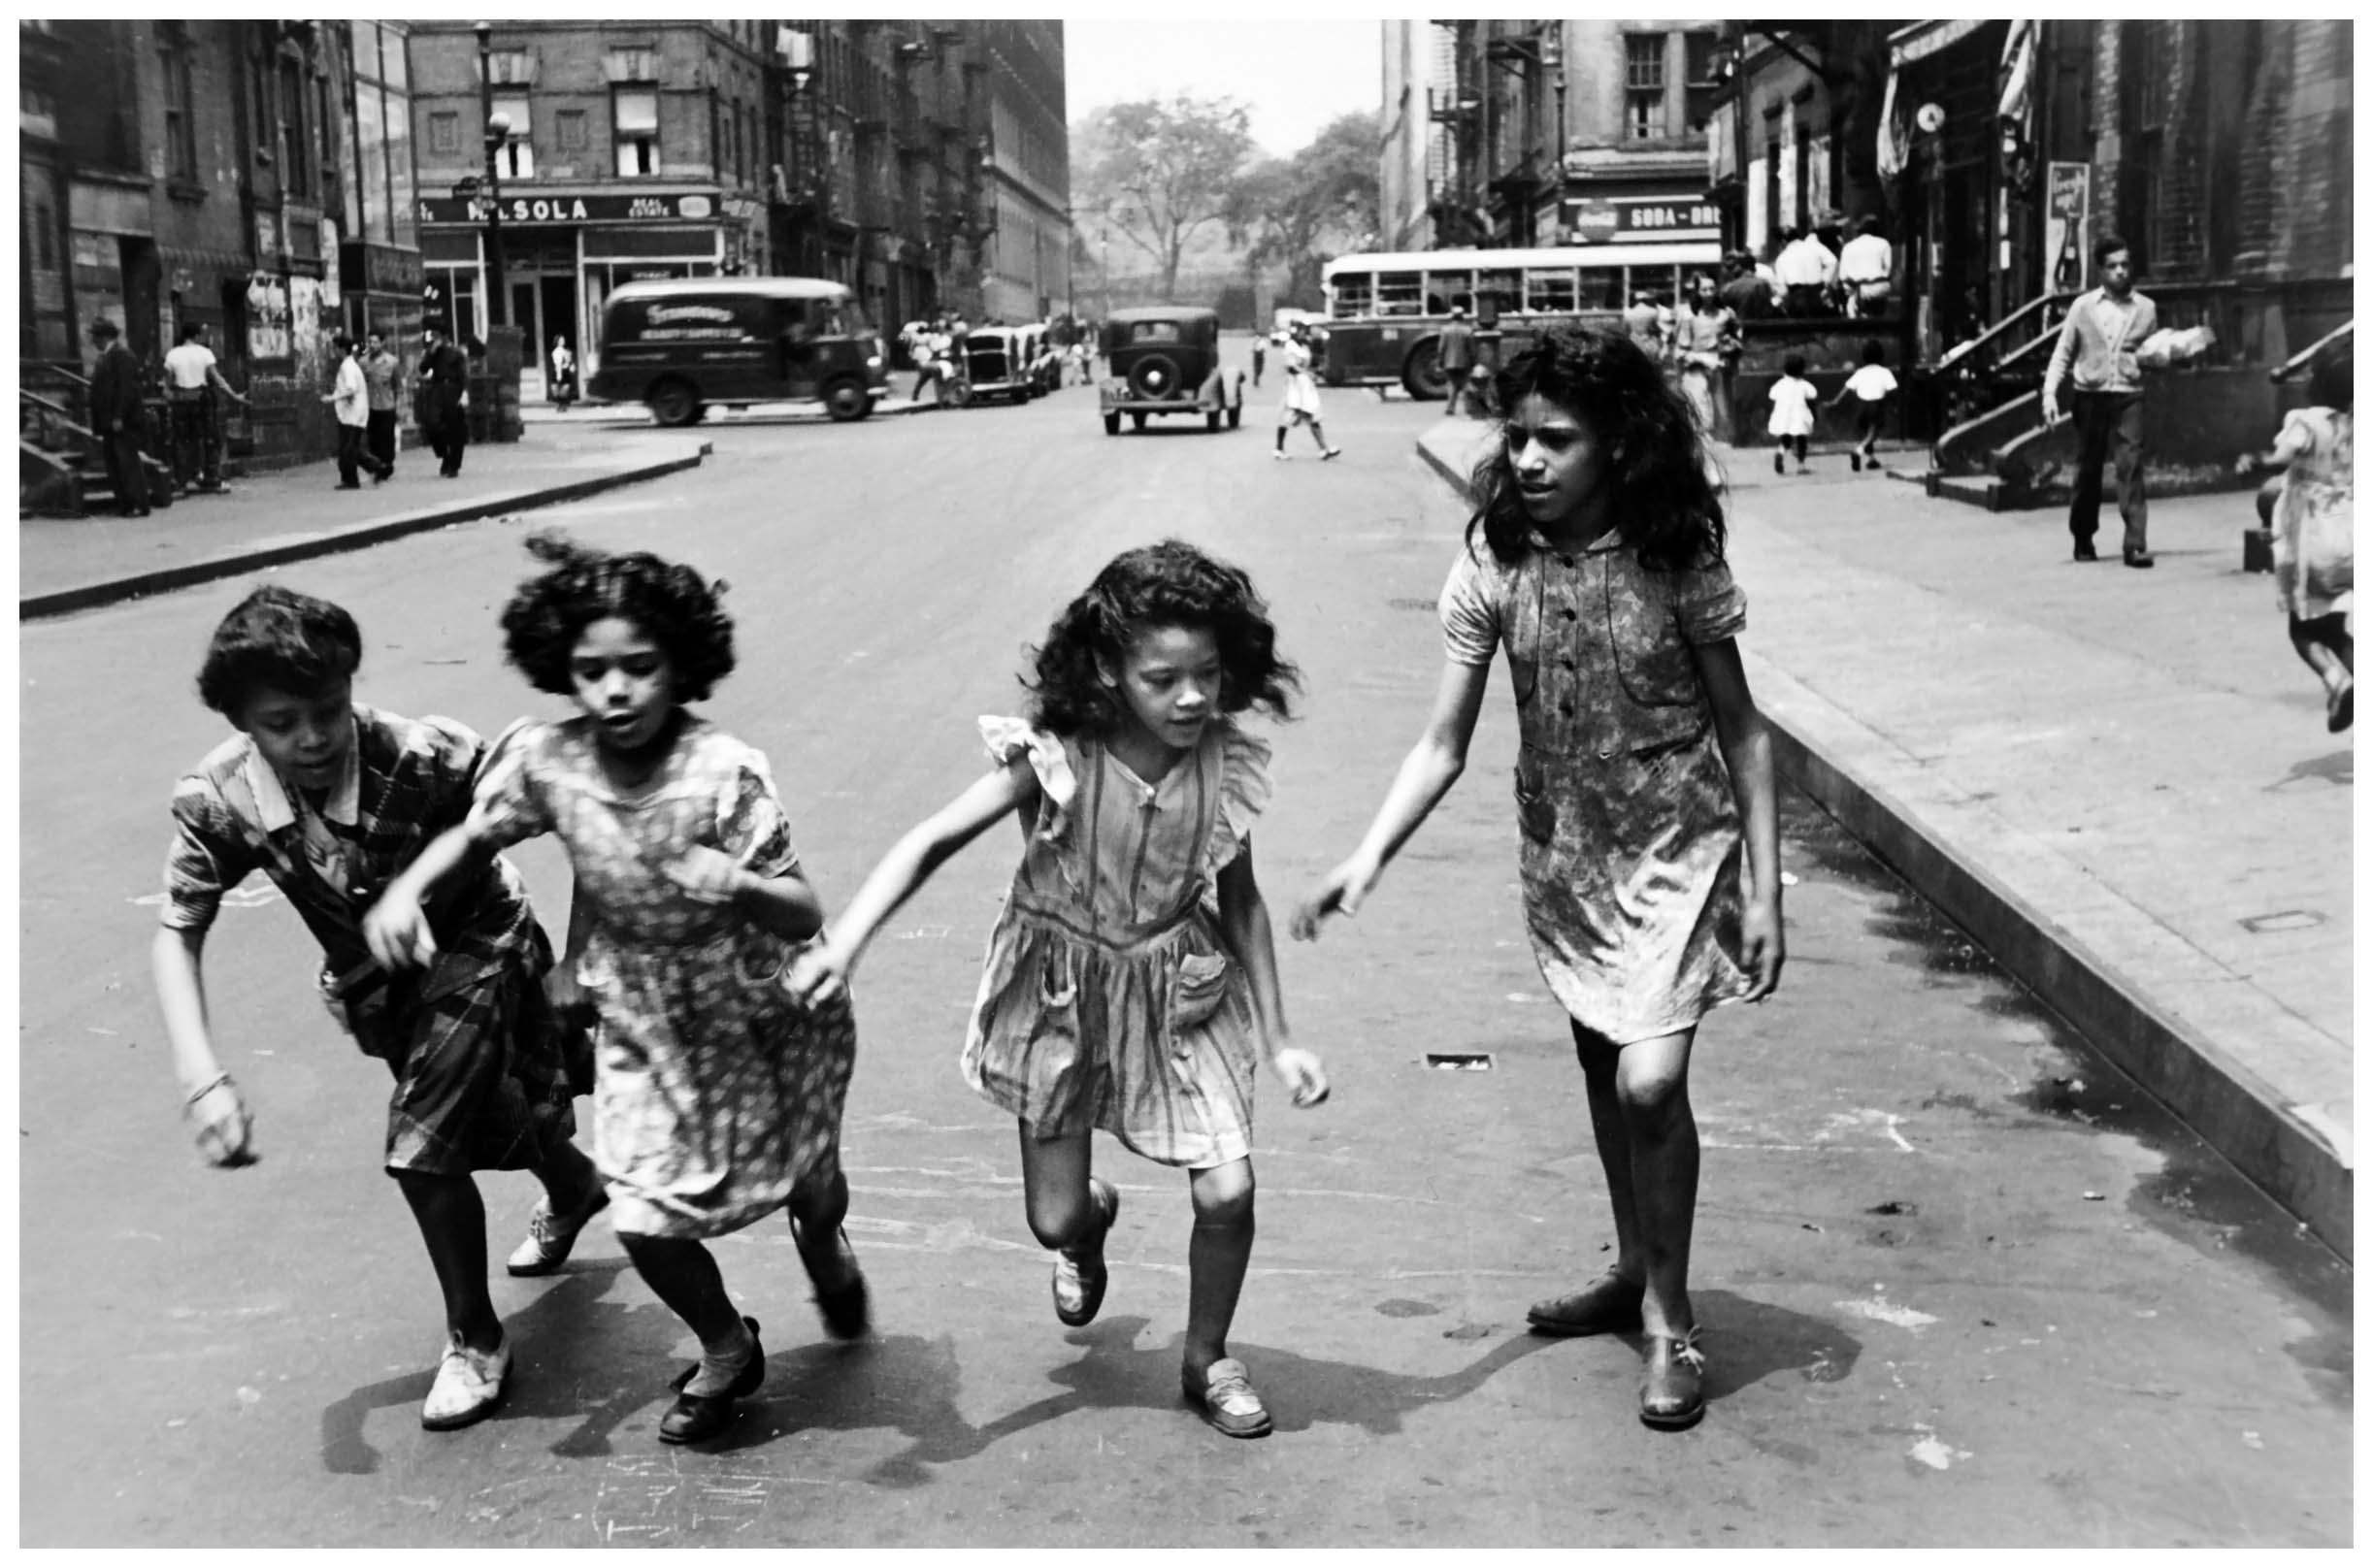 Helen Levitt ny four girls runninginstreet1950